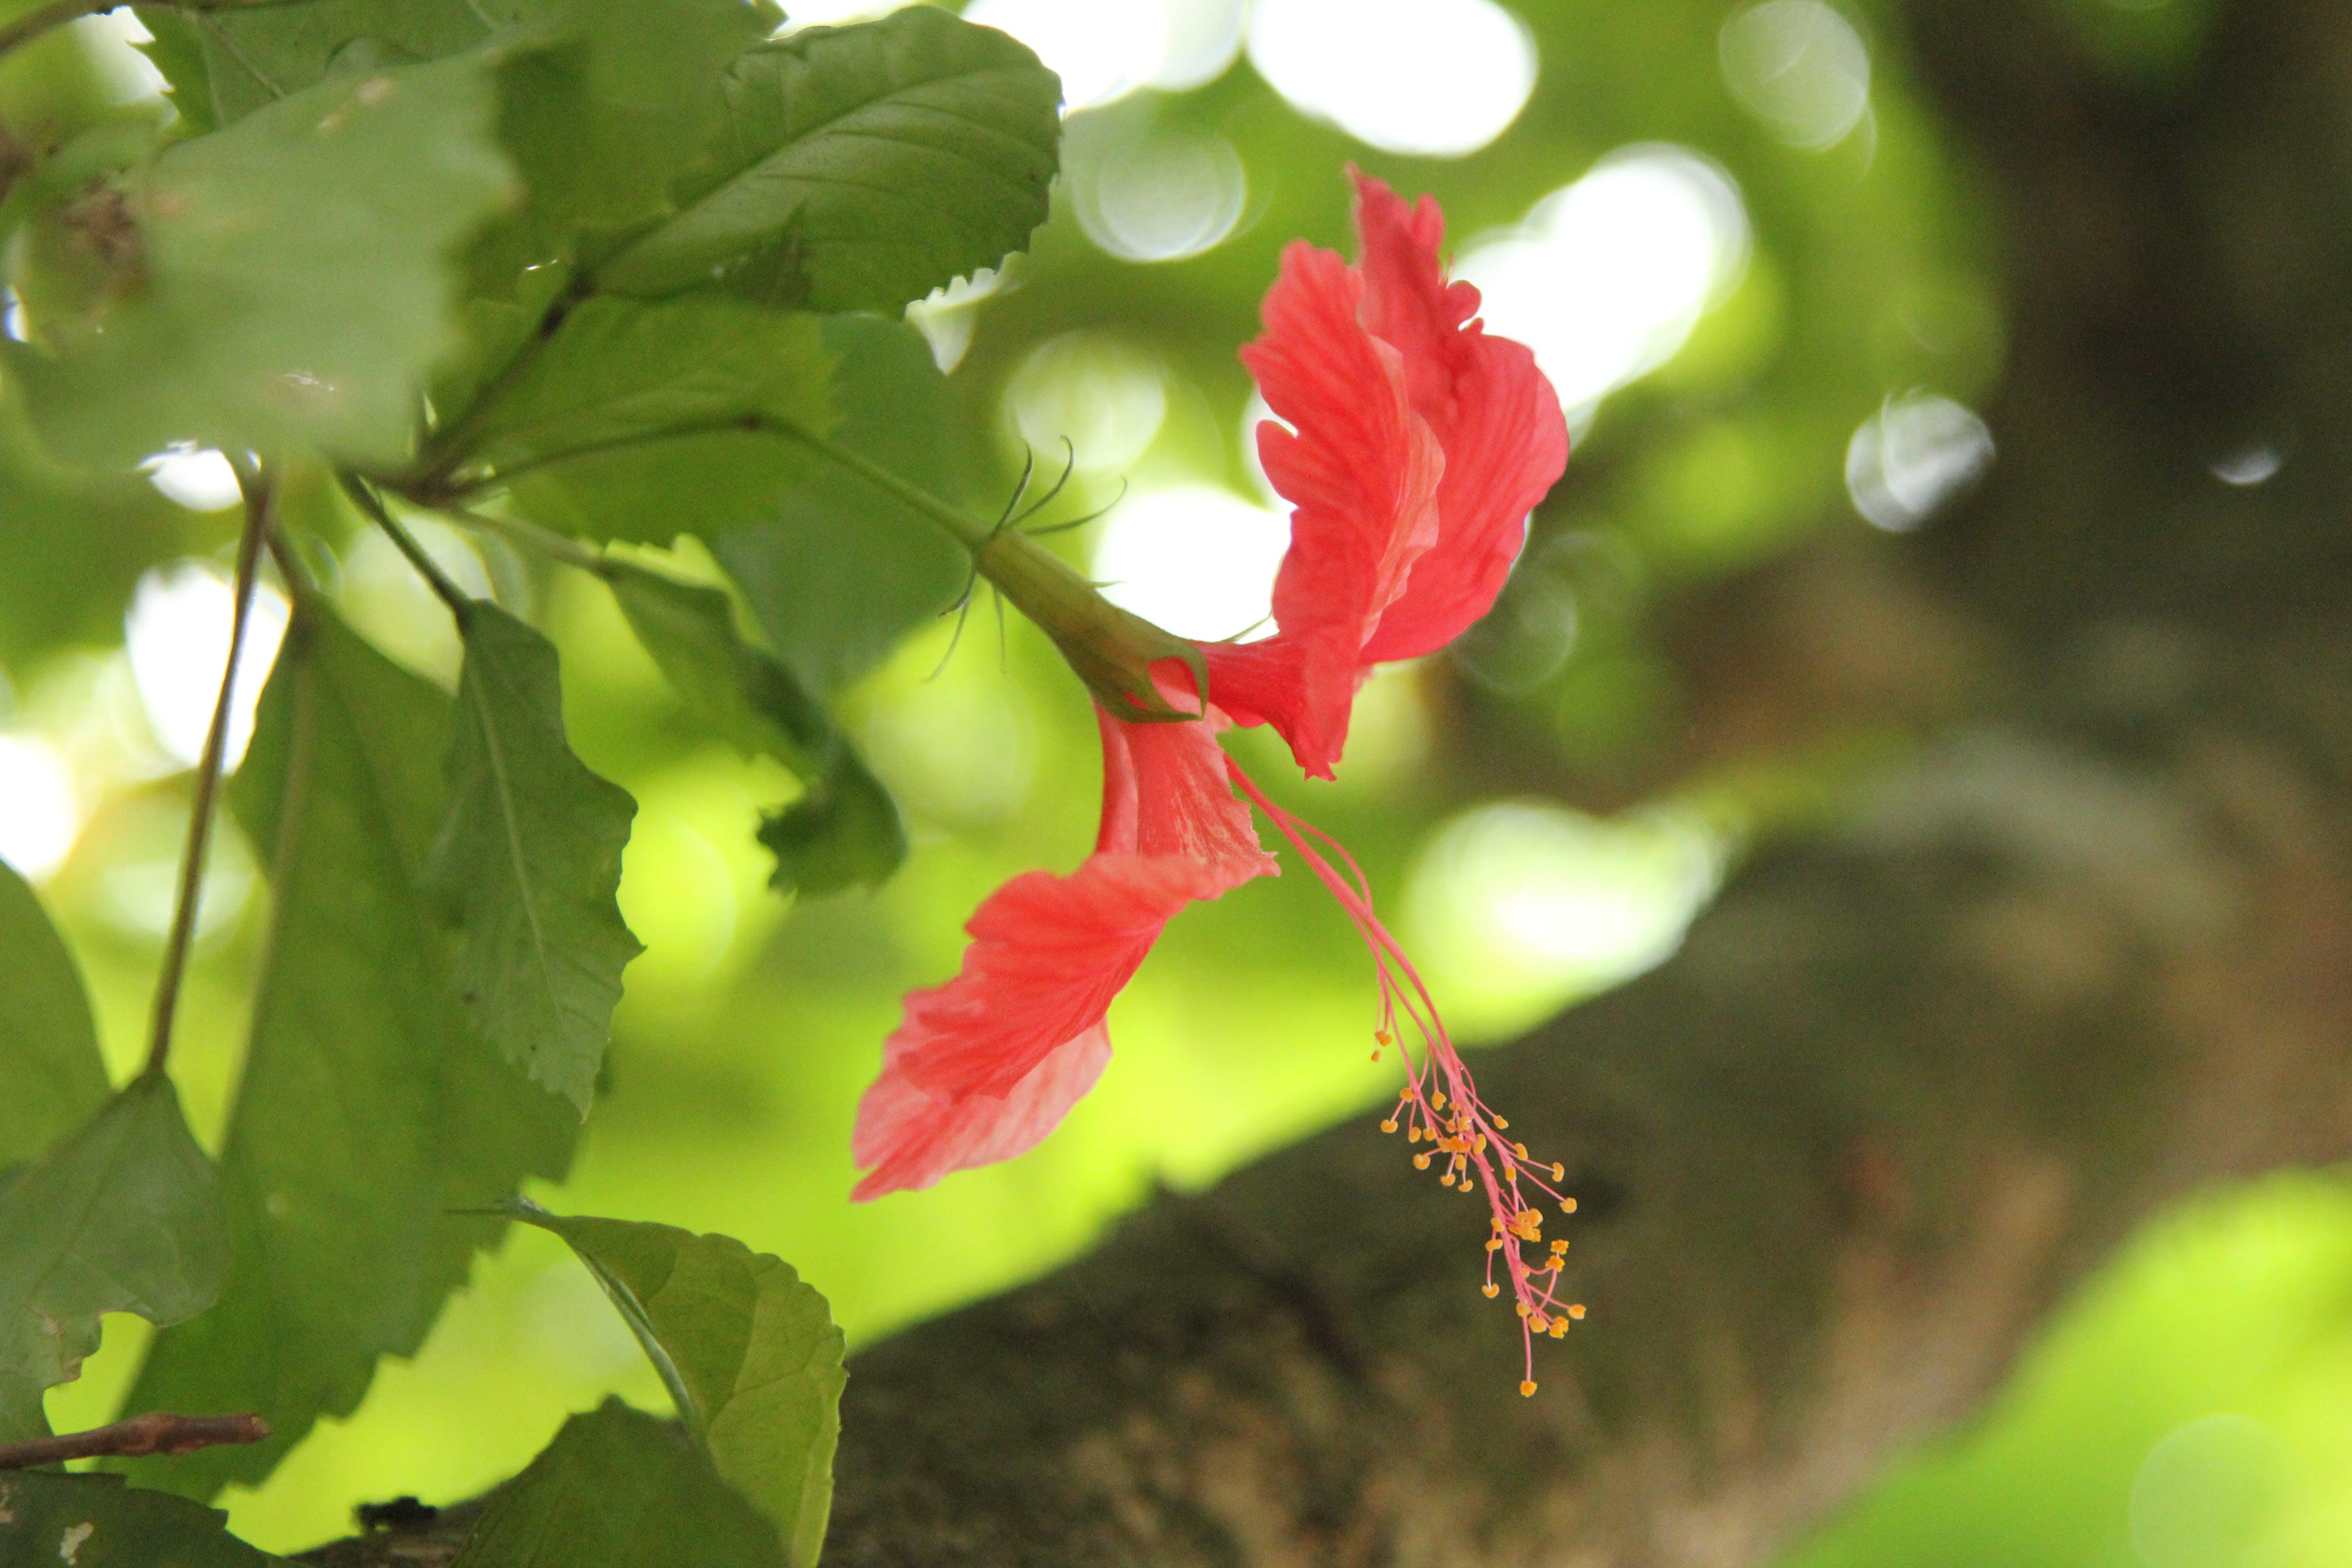 Free stock photo of Hibiscus